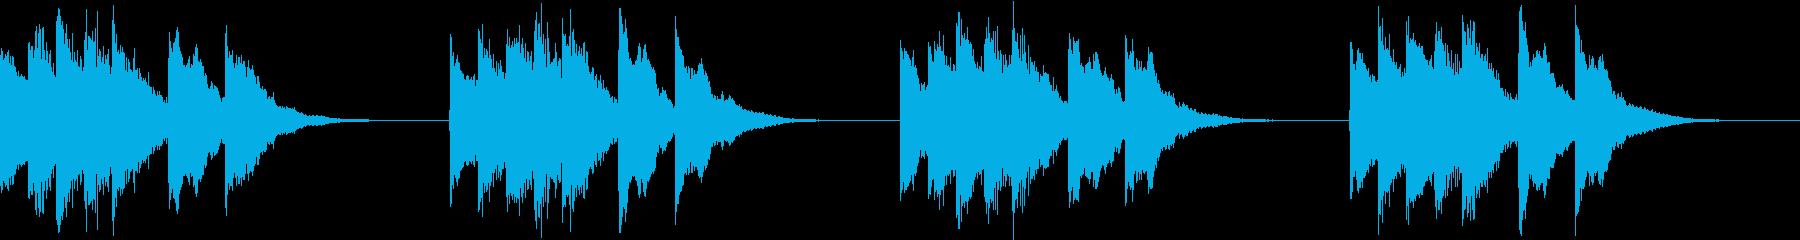 シンプル ベル 着信音 チャイム A17の再生済みの波形